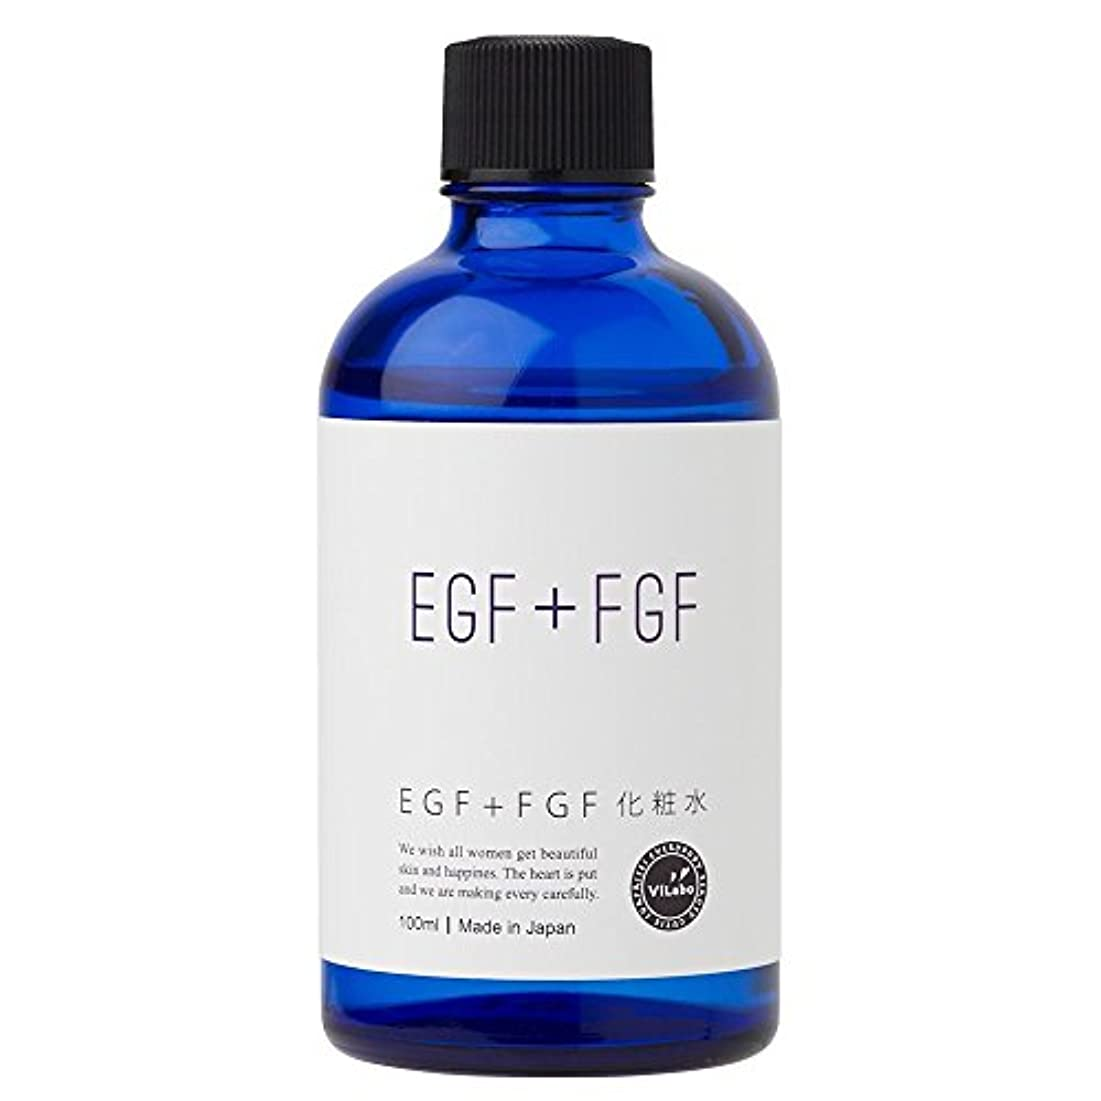 なんでもワイン池EGF+FGF化粧水-天然温泉水+高級美容成分の浸透型化粧水-品名:ハッピーローションEF ノンパラベン、アルコール、フェノキシエタノール、石油系合成界面活性剤無添加 (ボトルタイプ100ml)